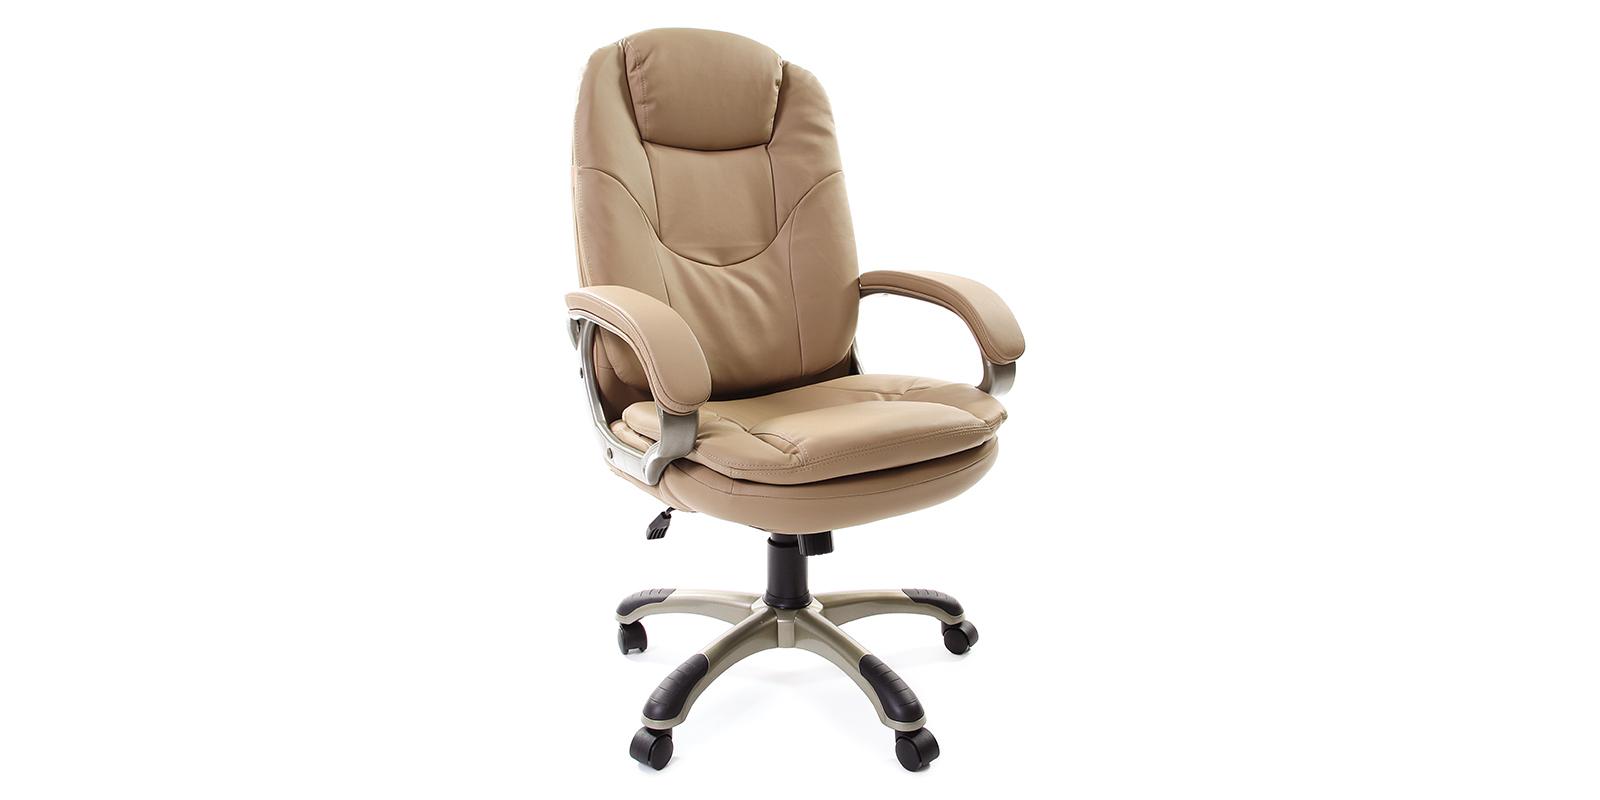 Кресло для руководителя Chairman 668 вариант №1 (бежевый)